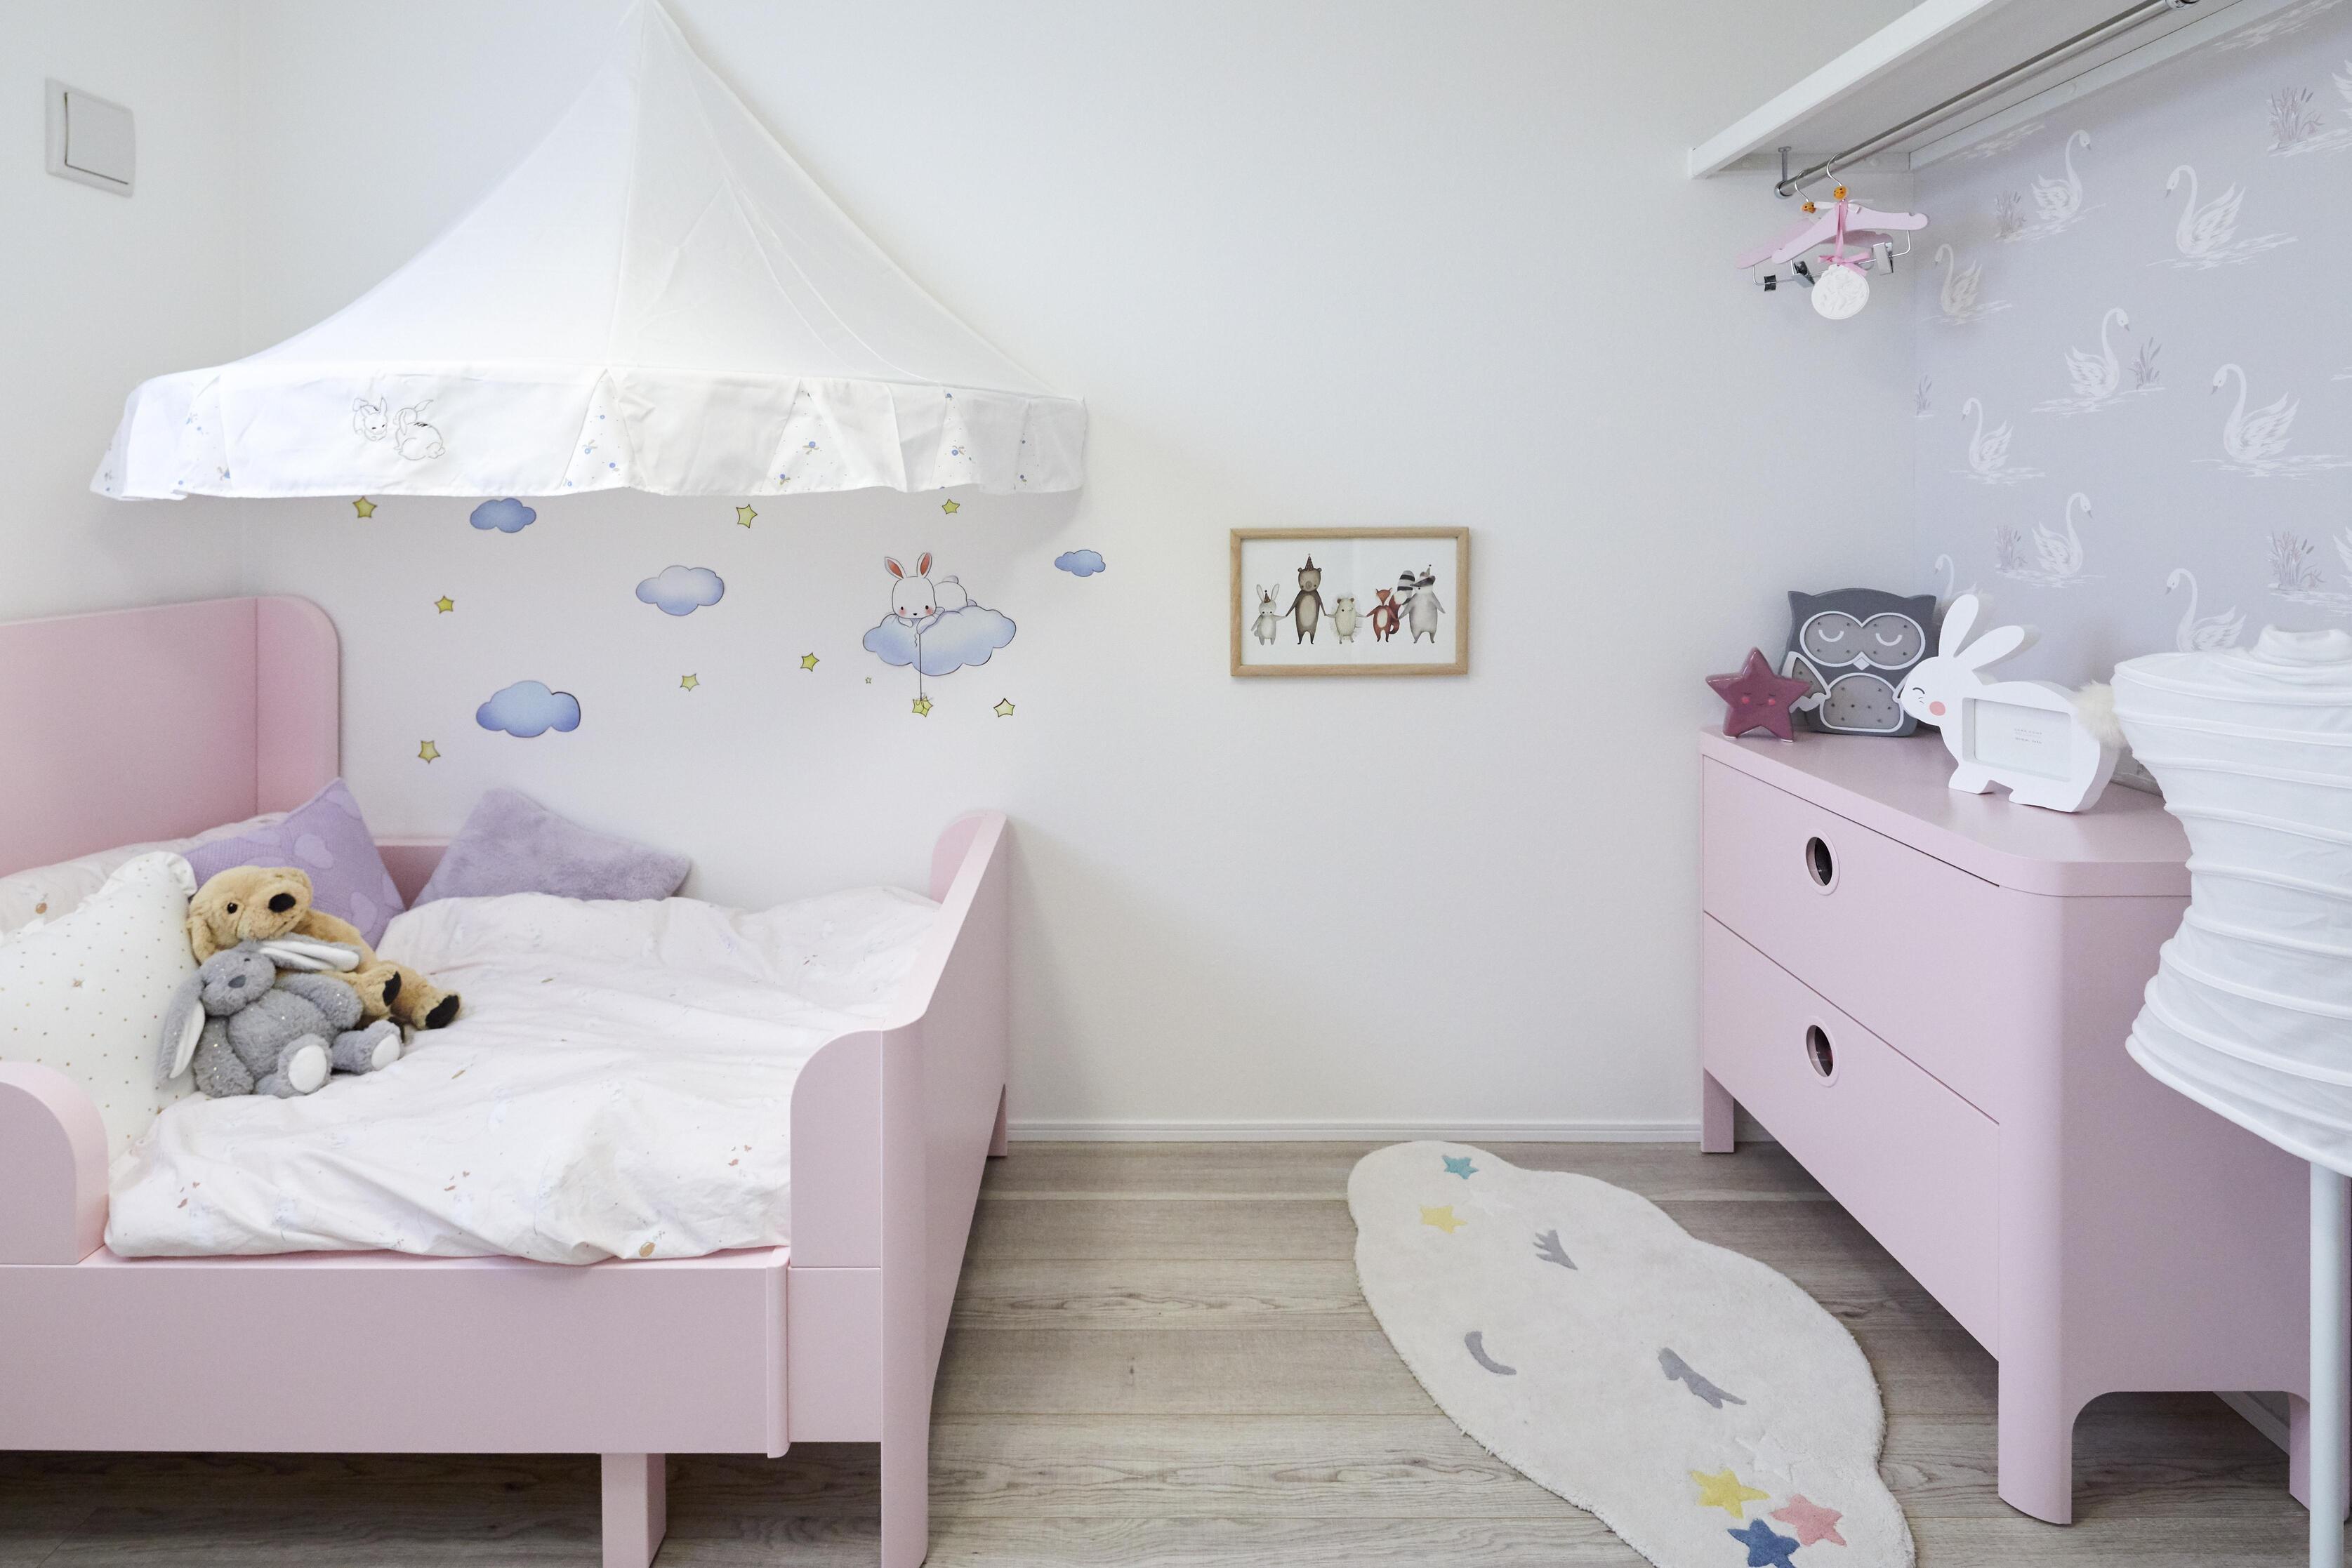 お子様でも届く高さにハンガーパイプを設置した子供部屋